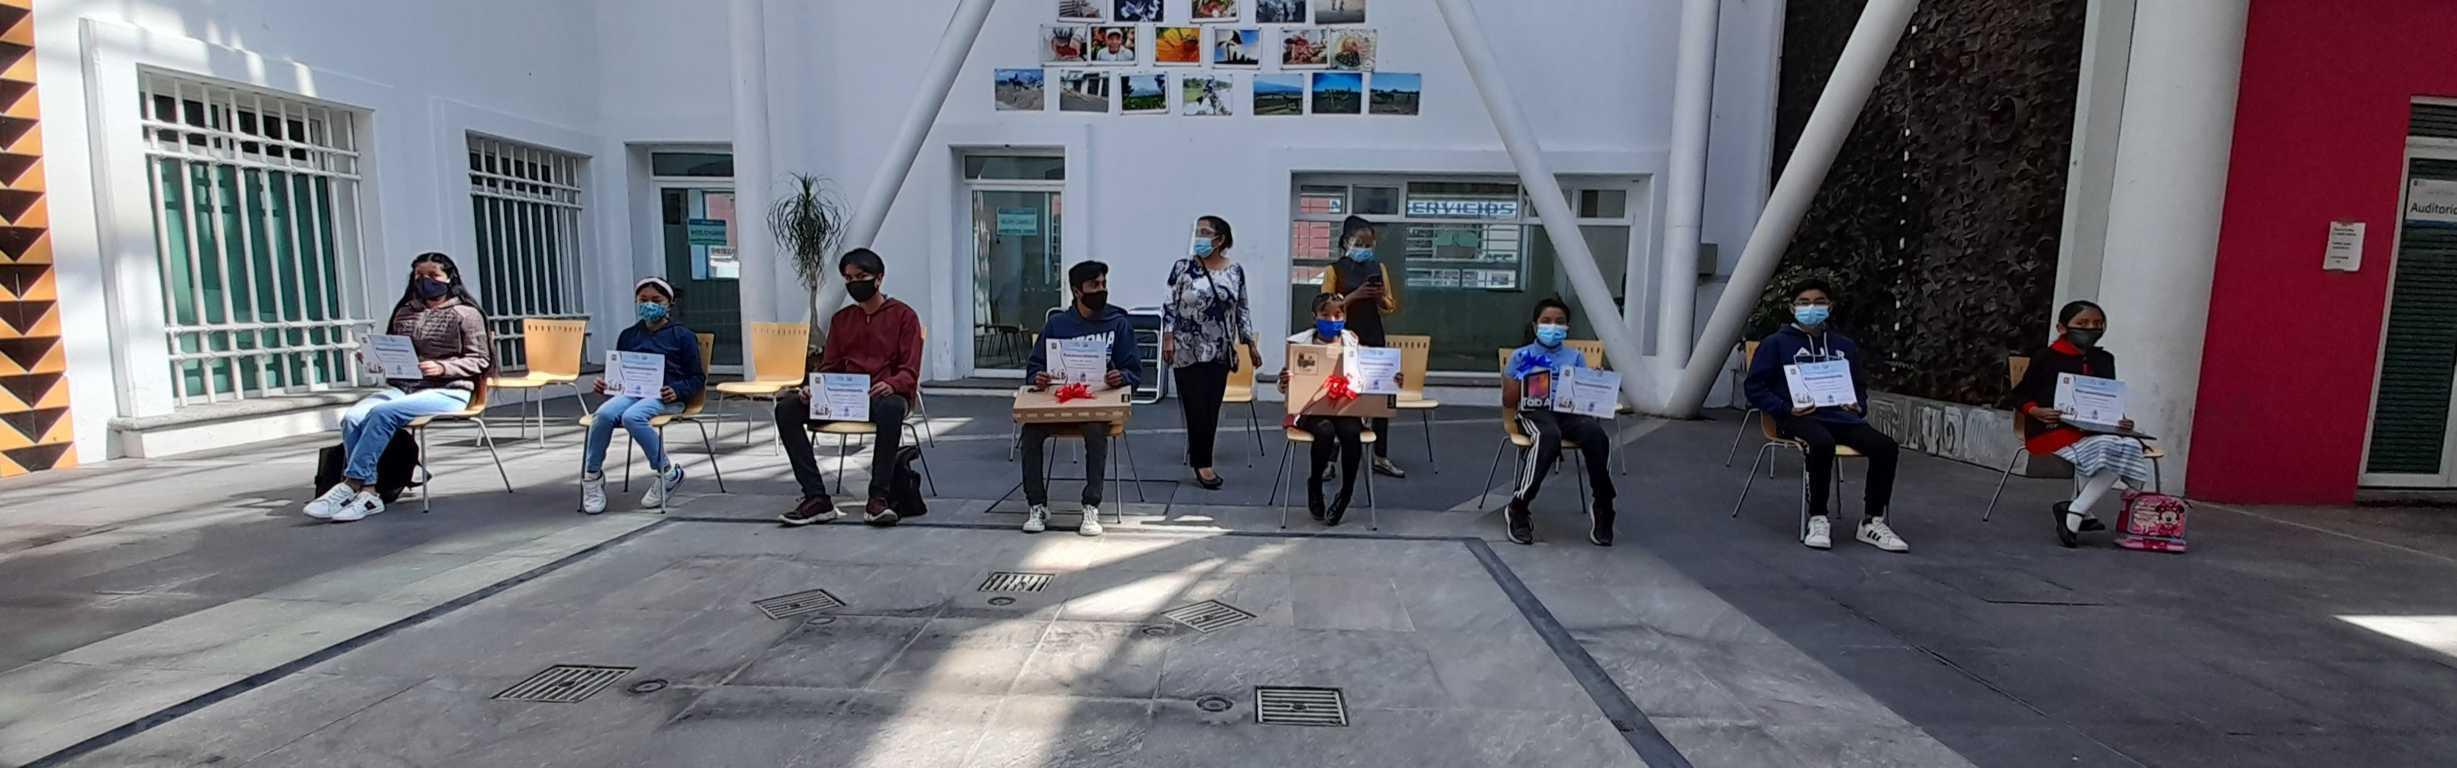 Ayuntamiento de SPM promueve valores familiares por medio de un concurso